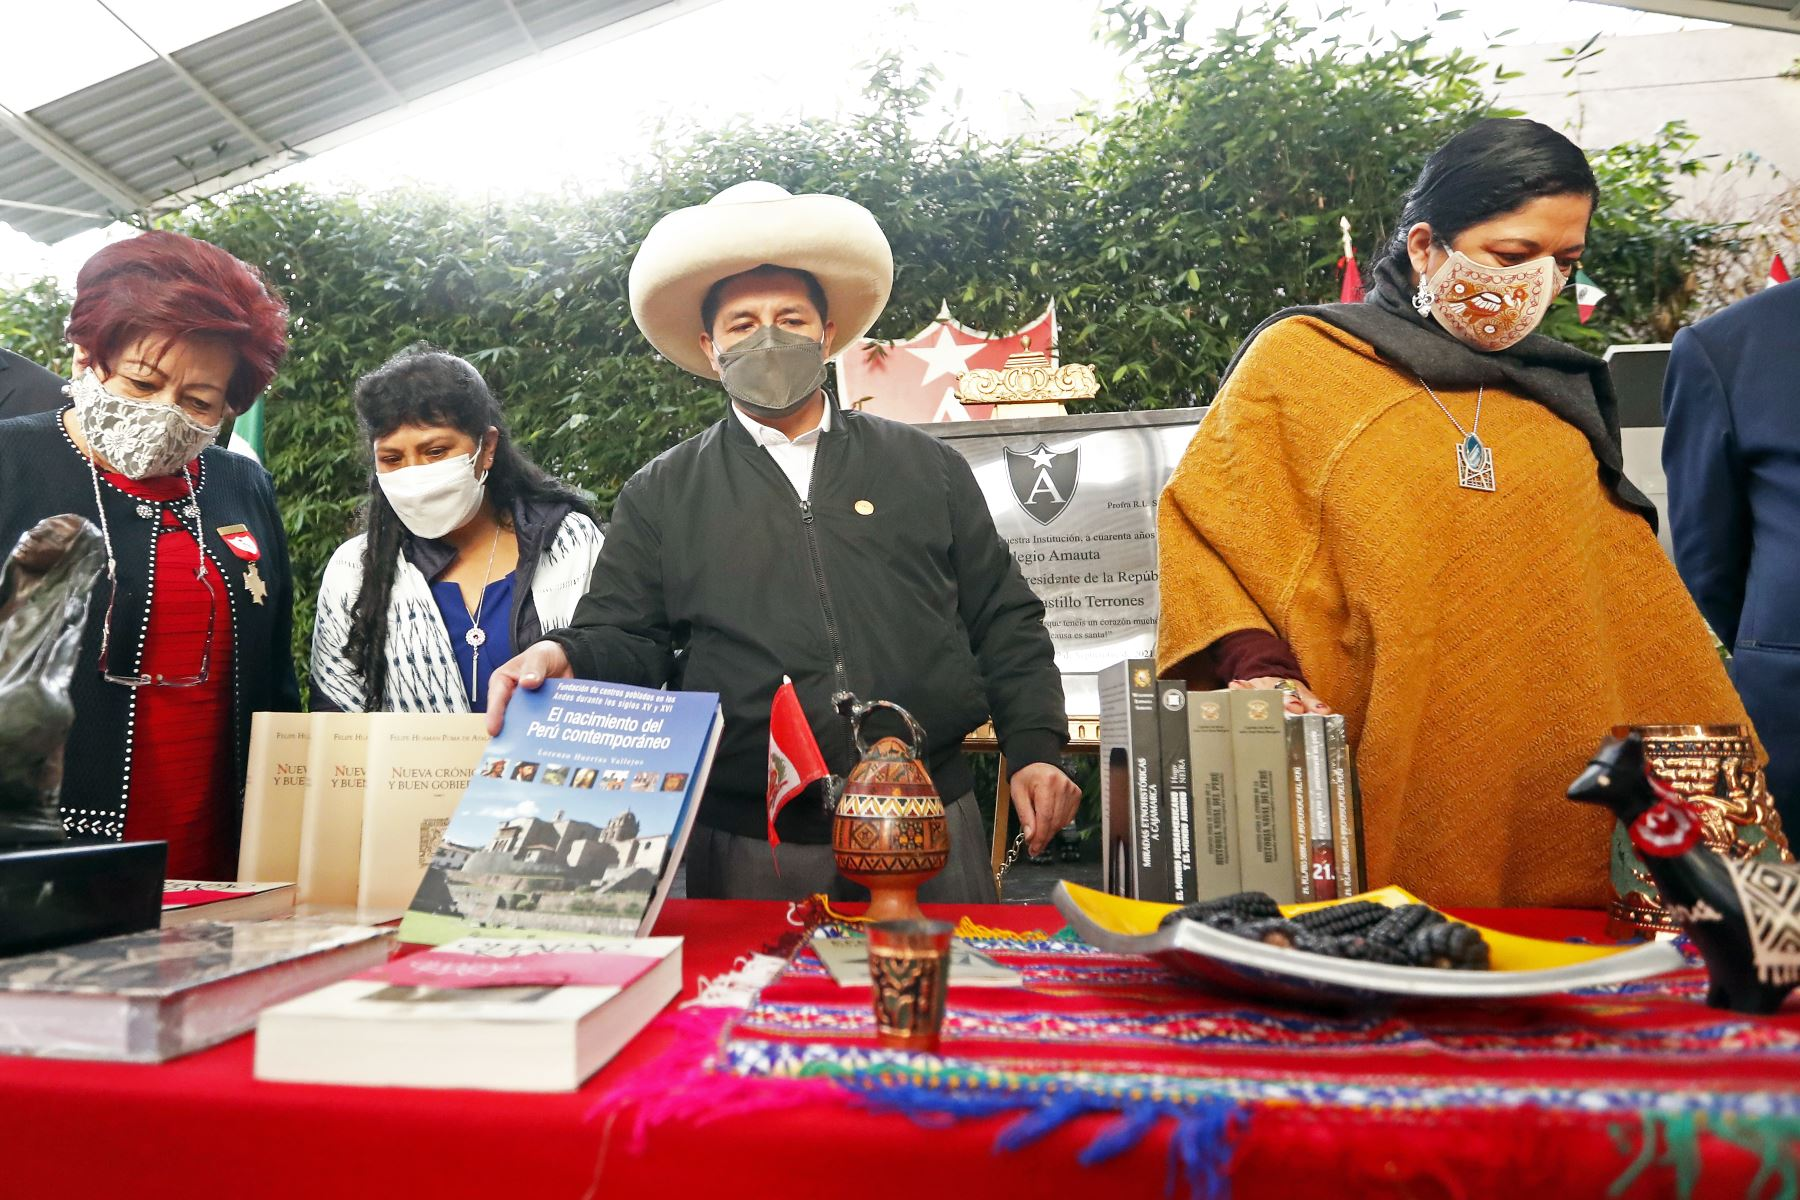 El presidente de la República, Pedro Castillo, participó en una ceremonia por el 40 aniversario de la escuela privada mexicano-peruana